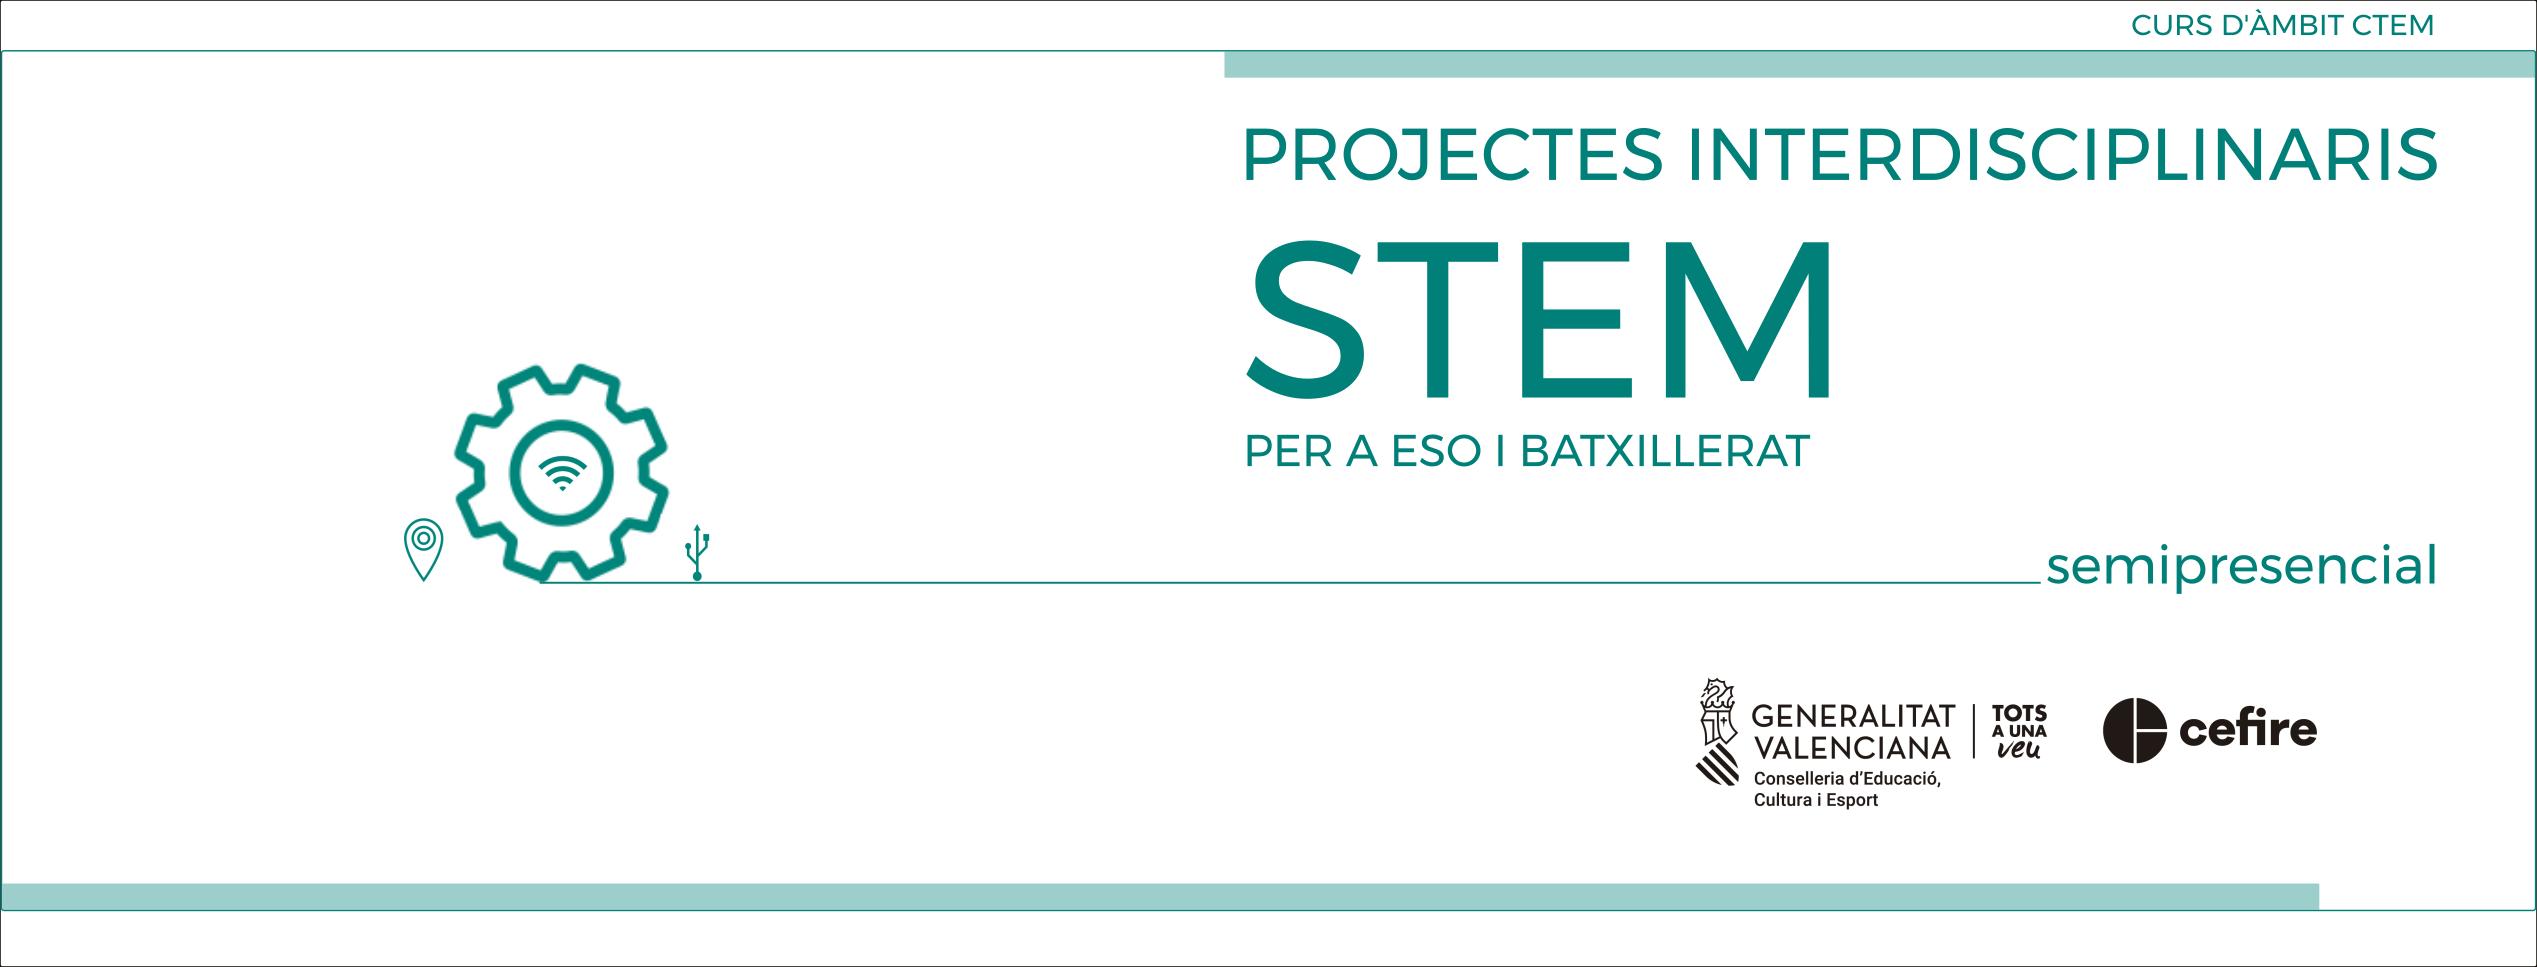 banner PROJECTES INTERDISCIPLINARIS STEM PER A ESO I BATX (1)